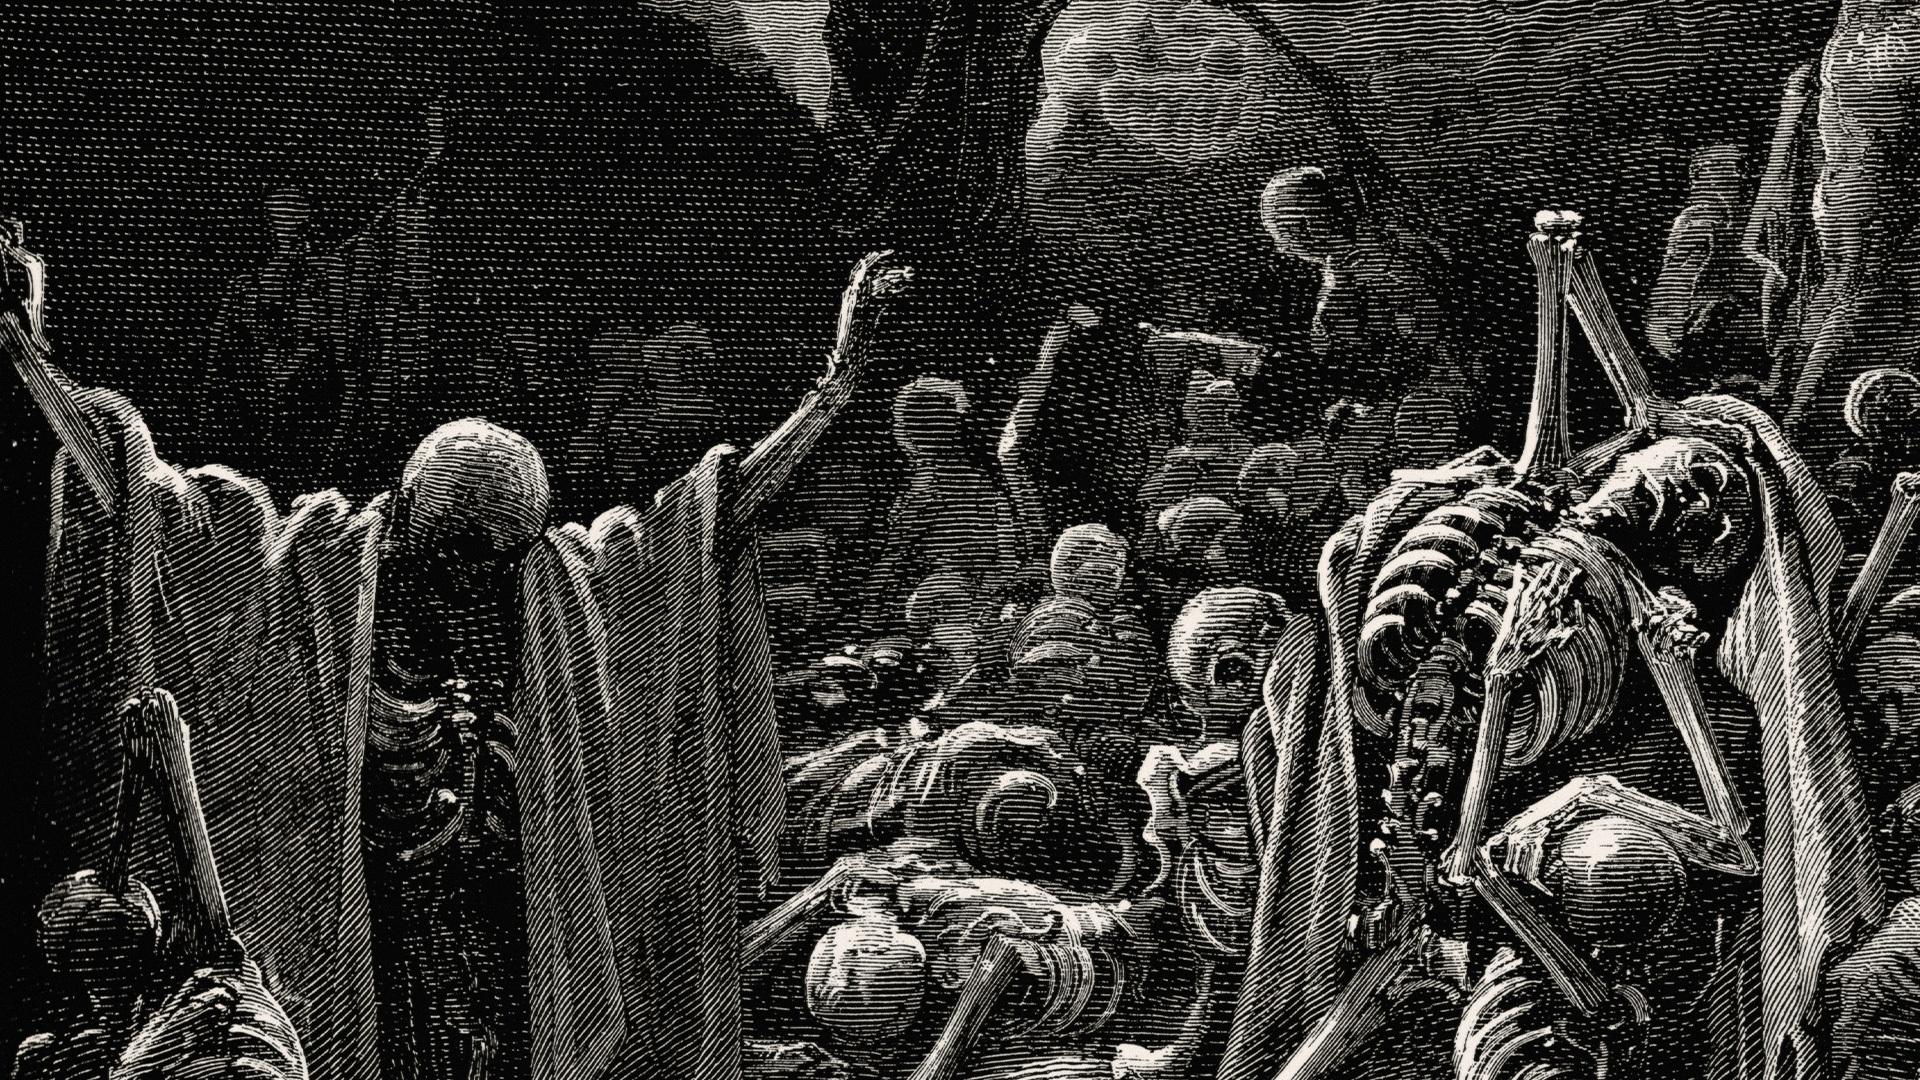 Dry Bones Featured Image